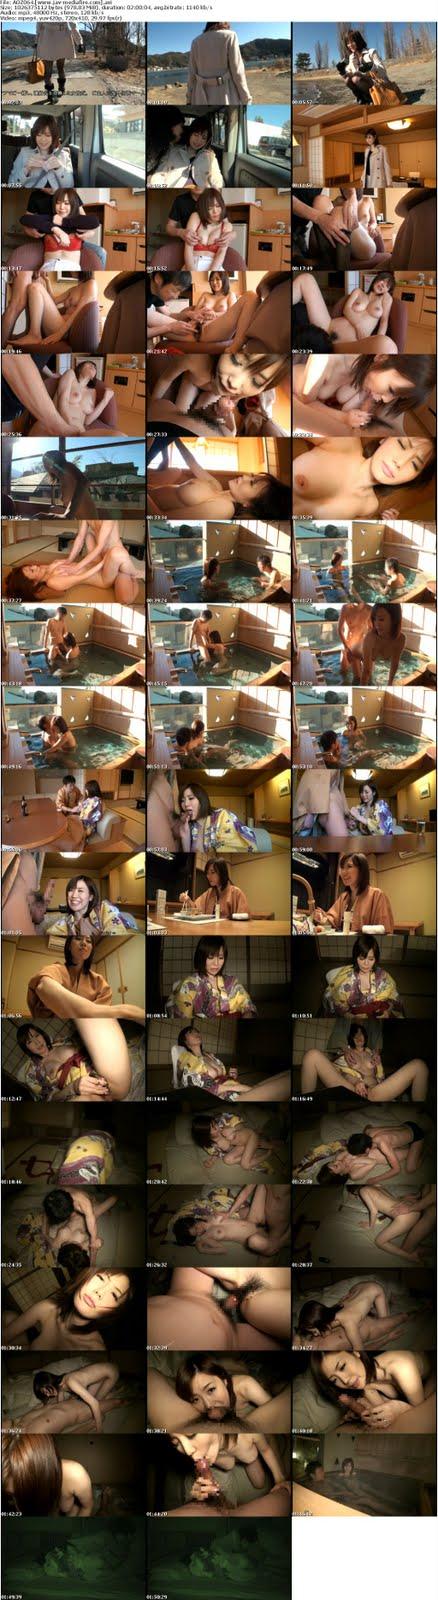 Wife Hot Spring Affair 03 - Nanako Mori หนังโป๊   UPX69 หี รูปโป๊ ภาพโป้ คลิปโป๊ หนังโป๊